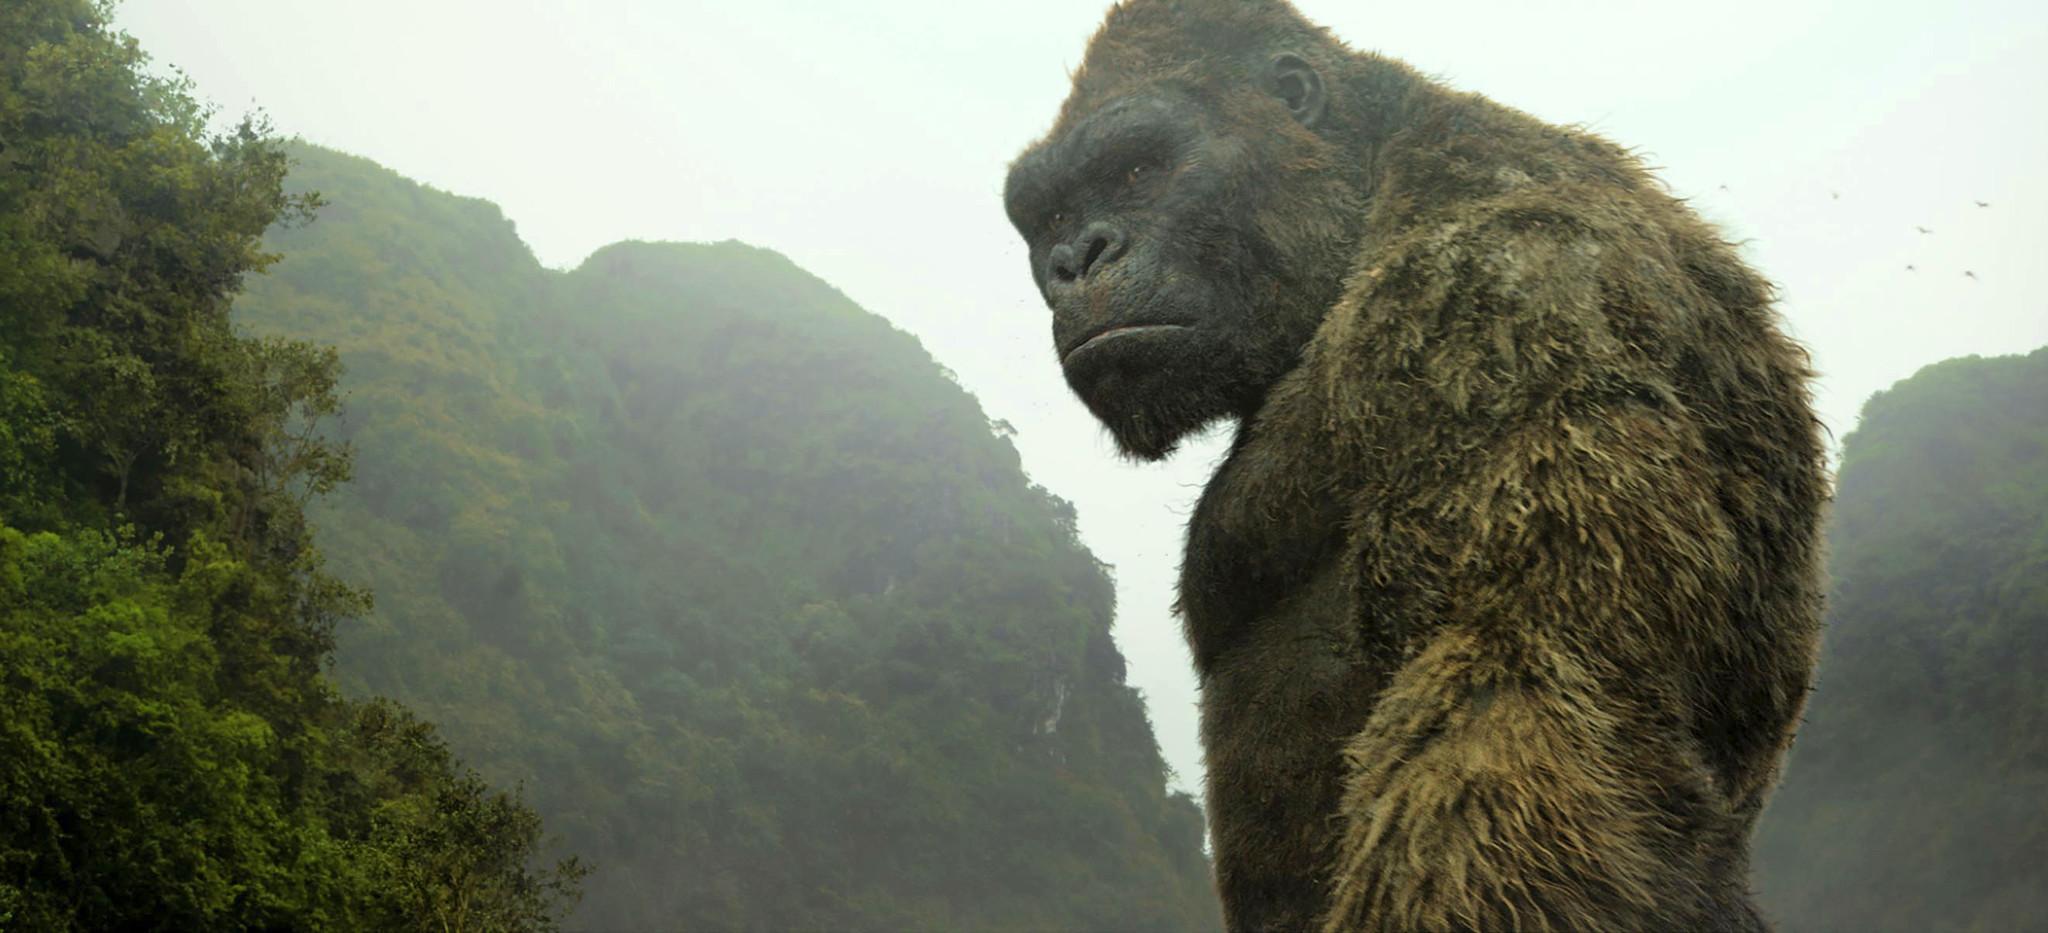 King Kong Review Skull Island